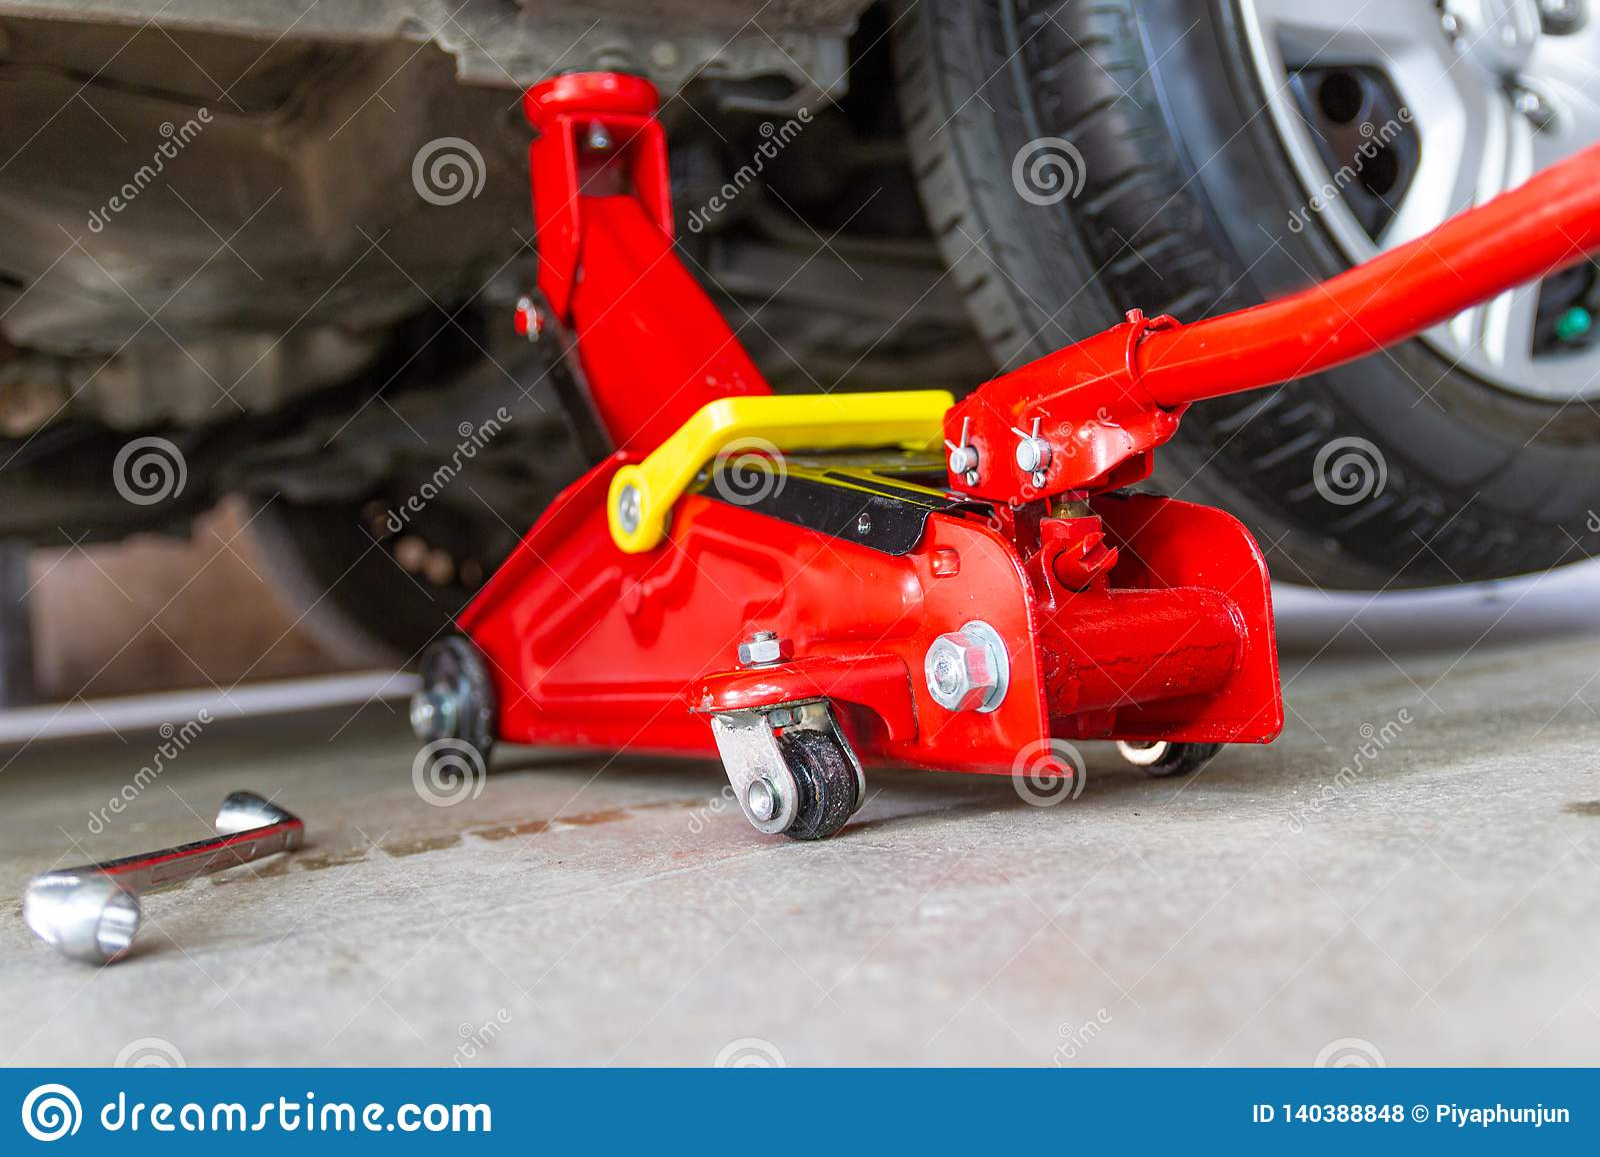 Красный инструмент поднимает автомобиль домкратом подъема для проверки ремонта